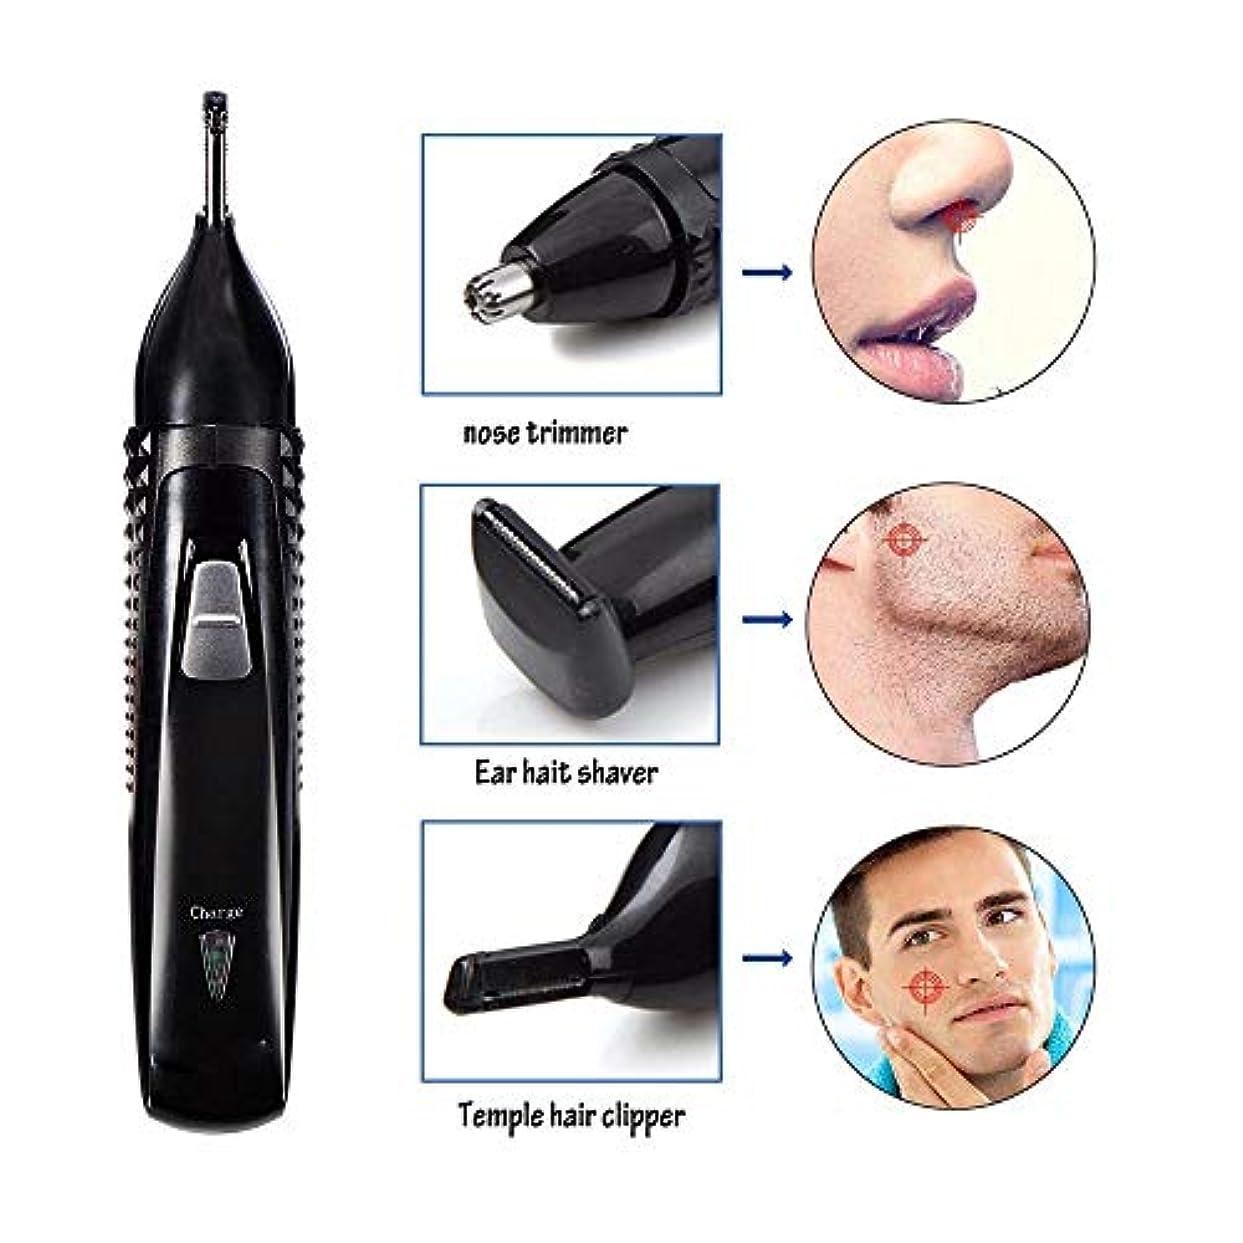 はぁ寄付する丈夫男性の女性のための電子鼻の耳の毛のトリマー、1で3つの充電式鼻の毛のトリマー鼻&耳の男性の耳鼻毛カッターの顔のケア